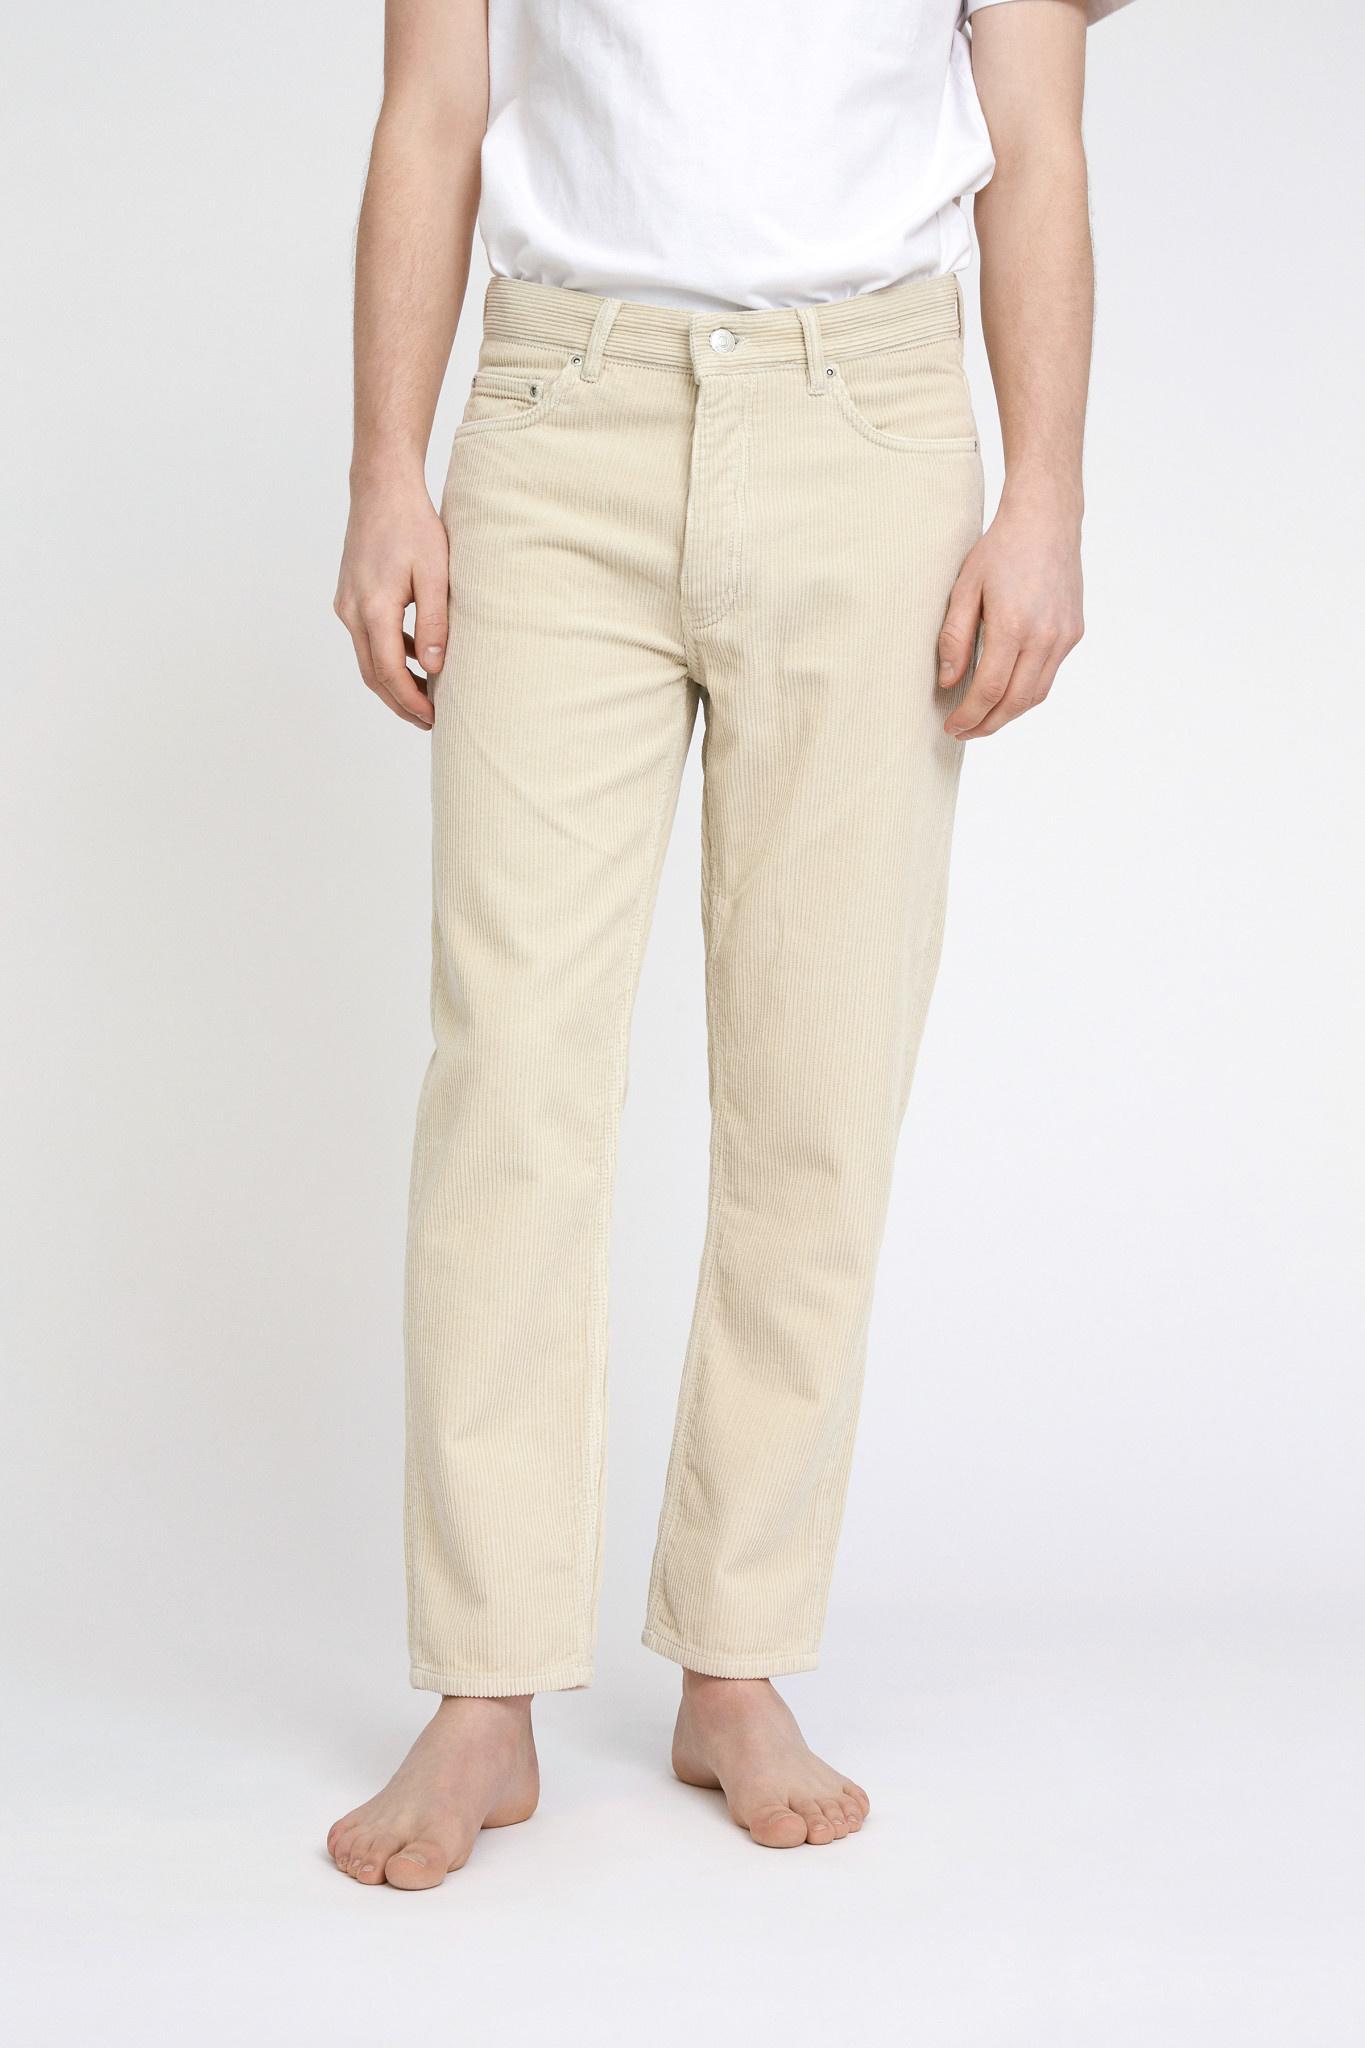 Ben Corduroy Jeans - Cream-1